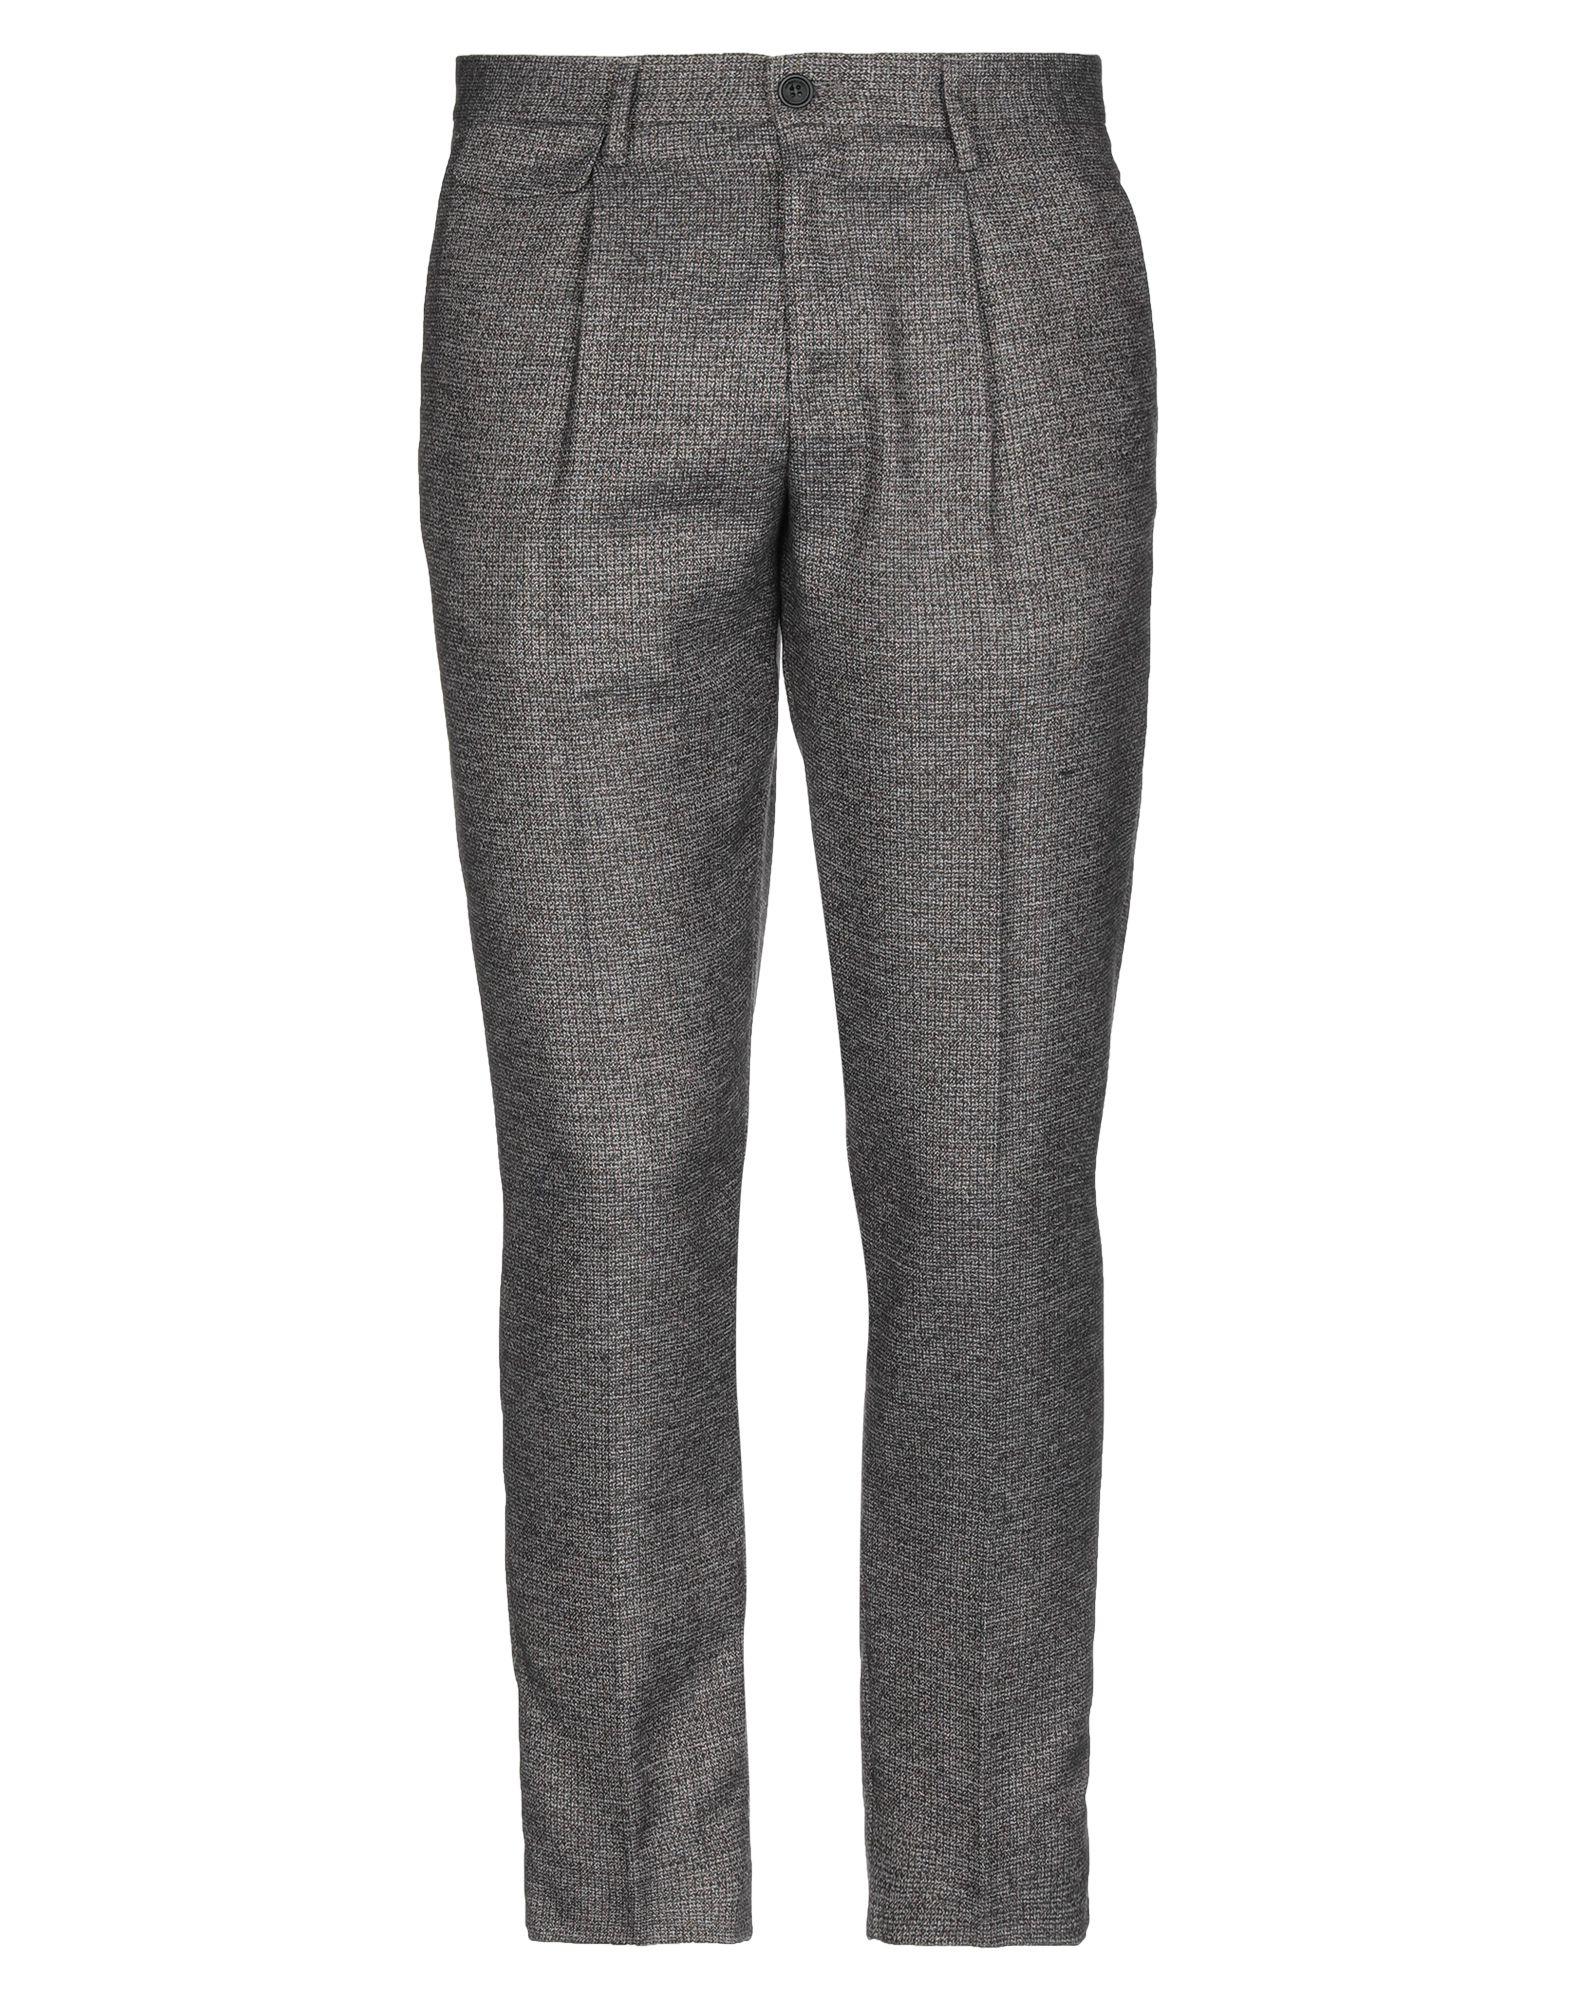 《セール開催中》HAMAKI-HO メンズ パンツ ダークブラウン 44 ポリエステル 90% / レーヨン 10%